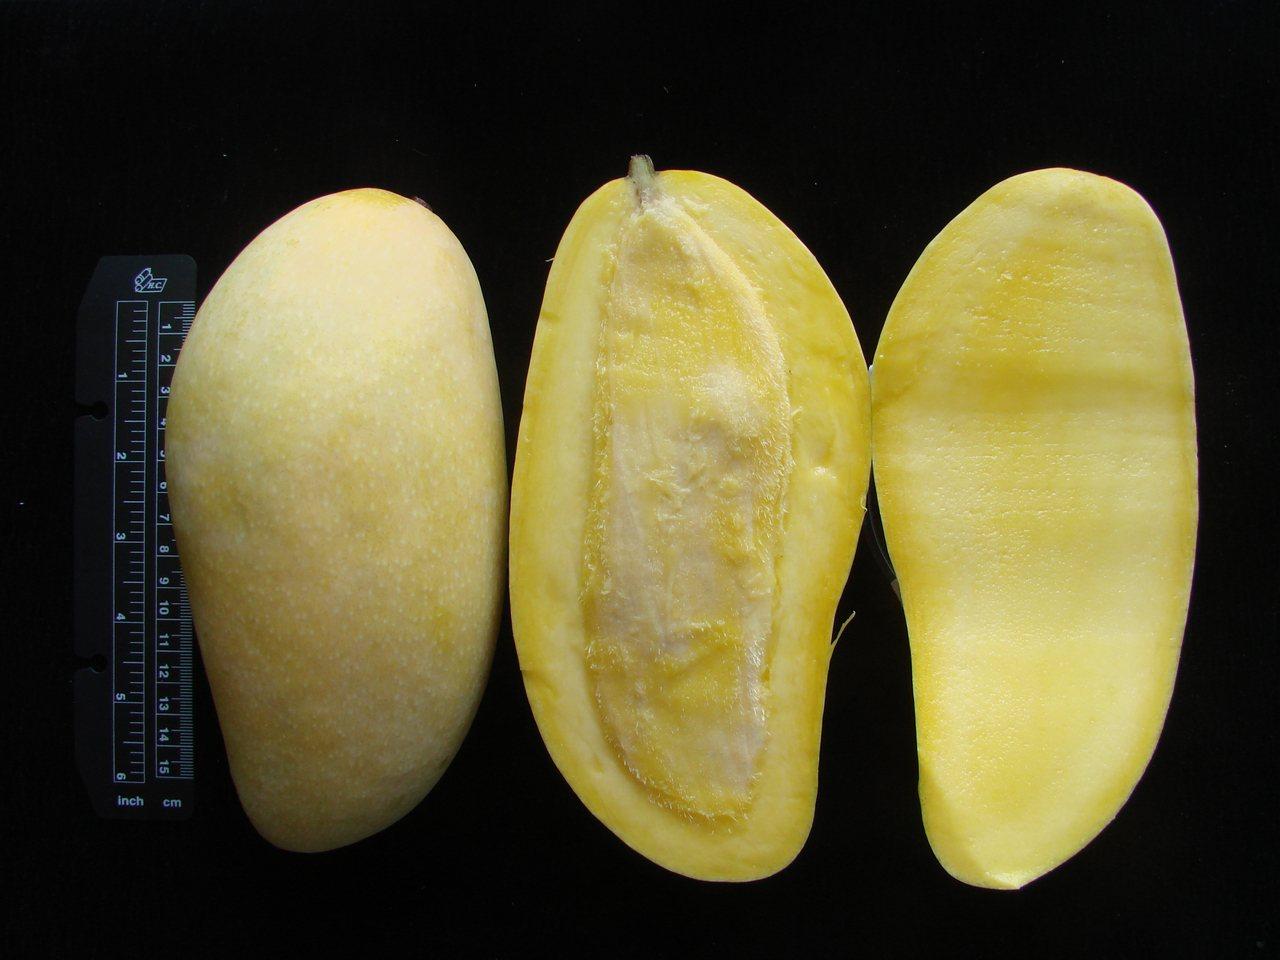 金煌芒果果實呈象牙型且大,外皮為黃色。 圖/台南區農改場提供